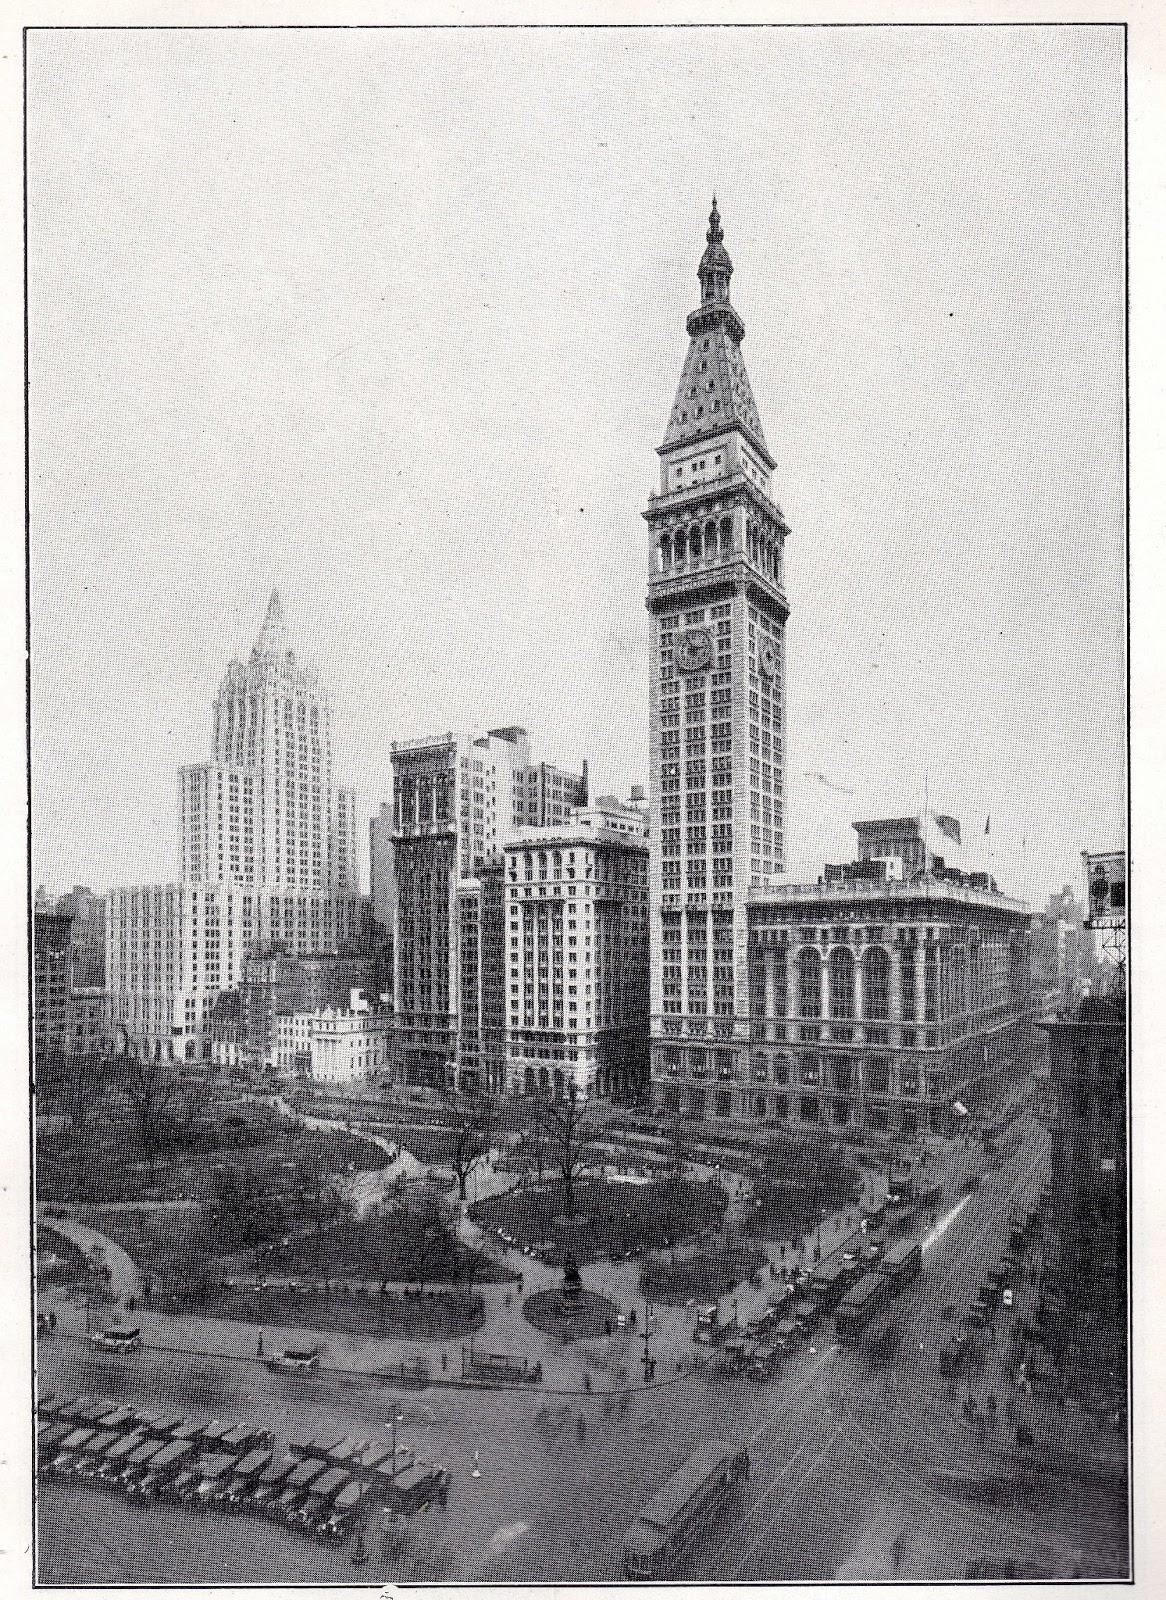 Historia de los Rascacielos de Nueva York Manhattan en 1929 la